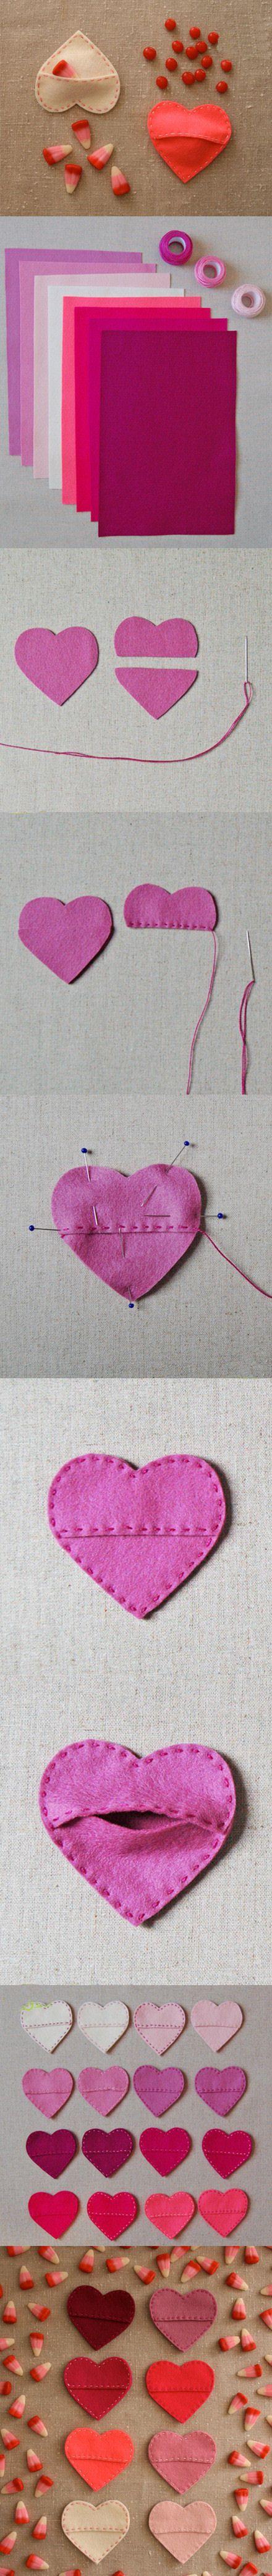 DIY Fabric Hearts diy craft crafts easy crafts craft idea diy ideas home diy easy diy home crafts diy craft diy hearts craft heart home craft